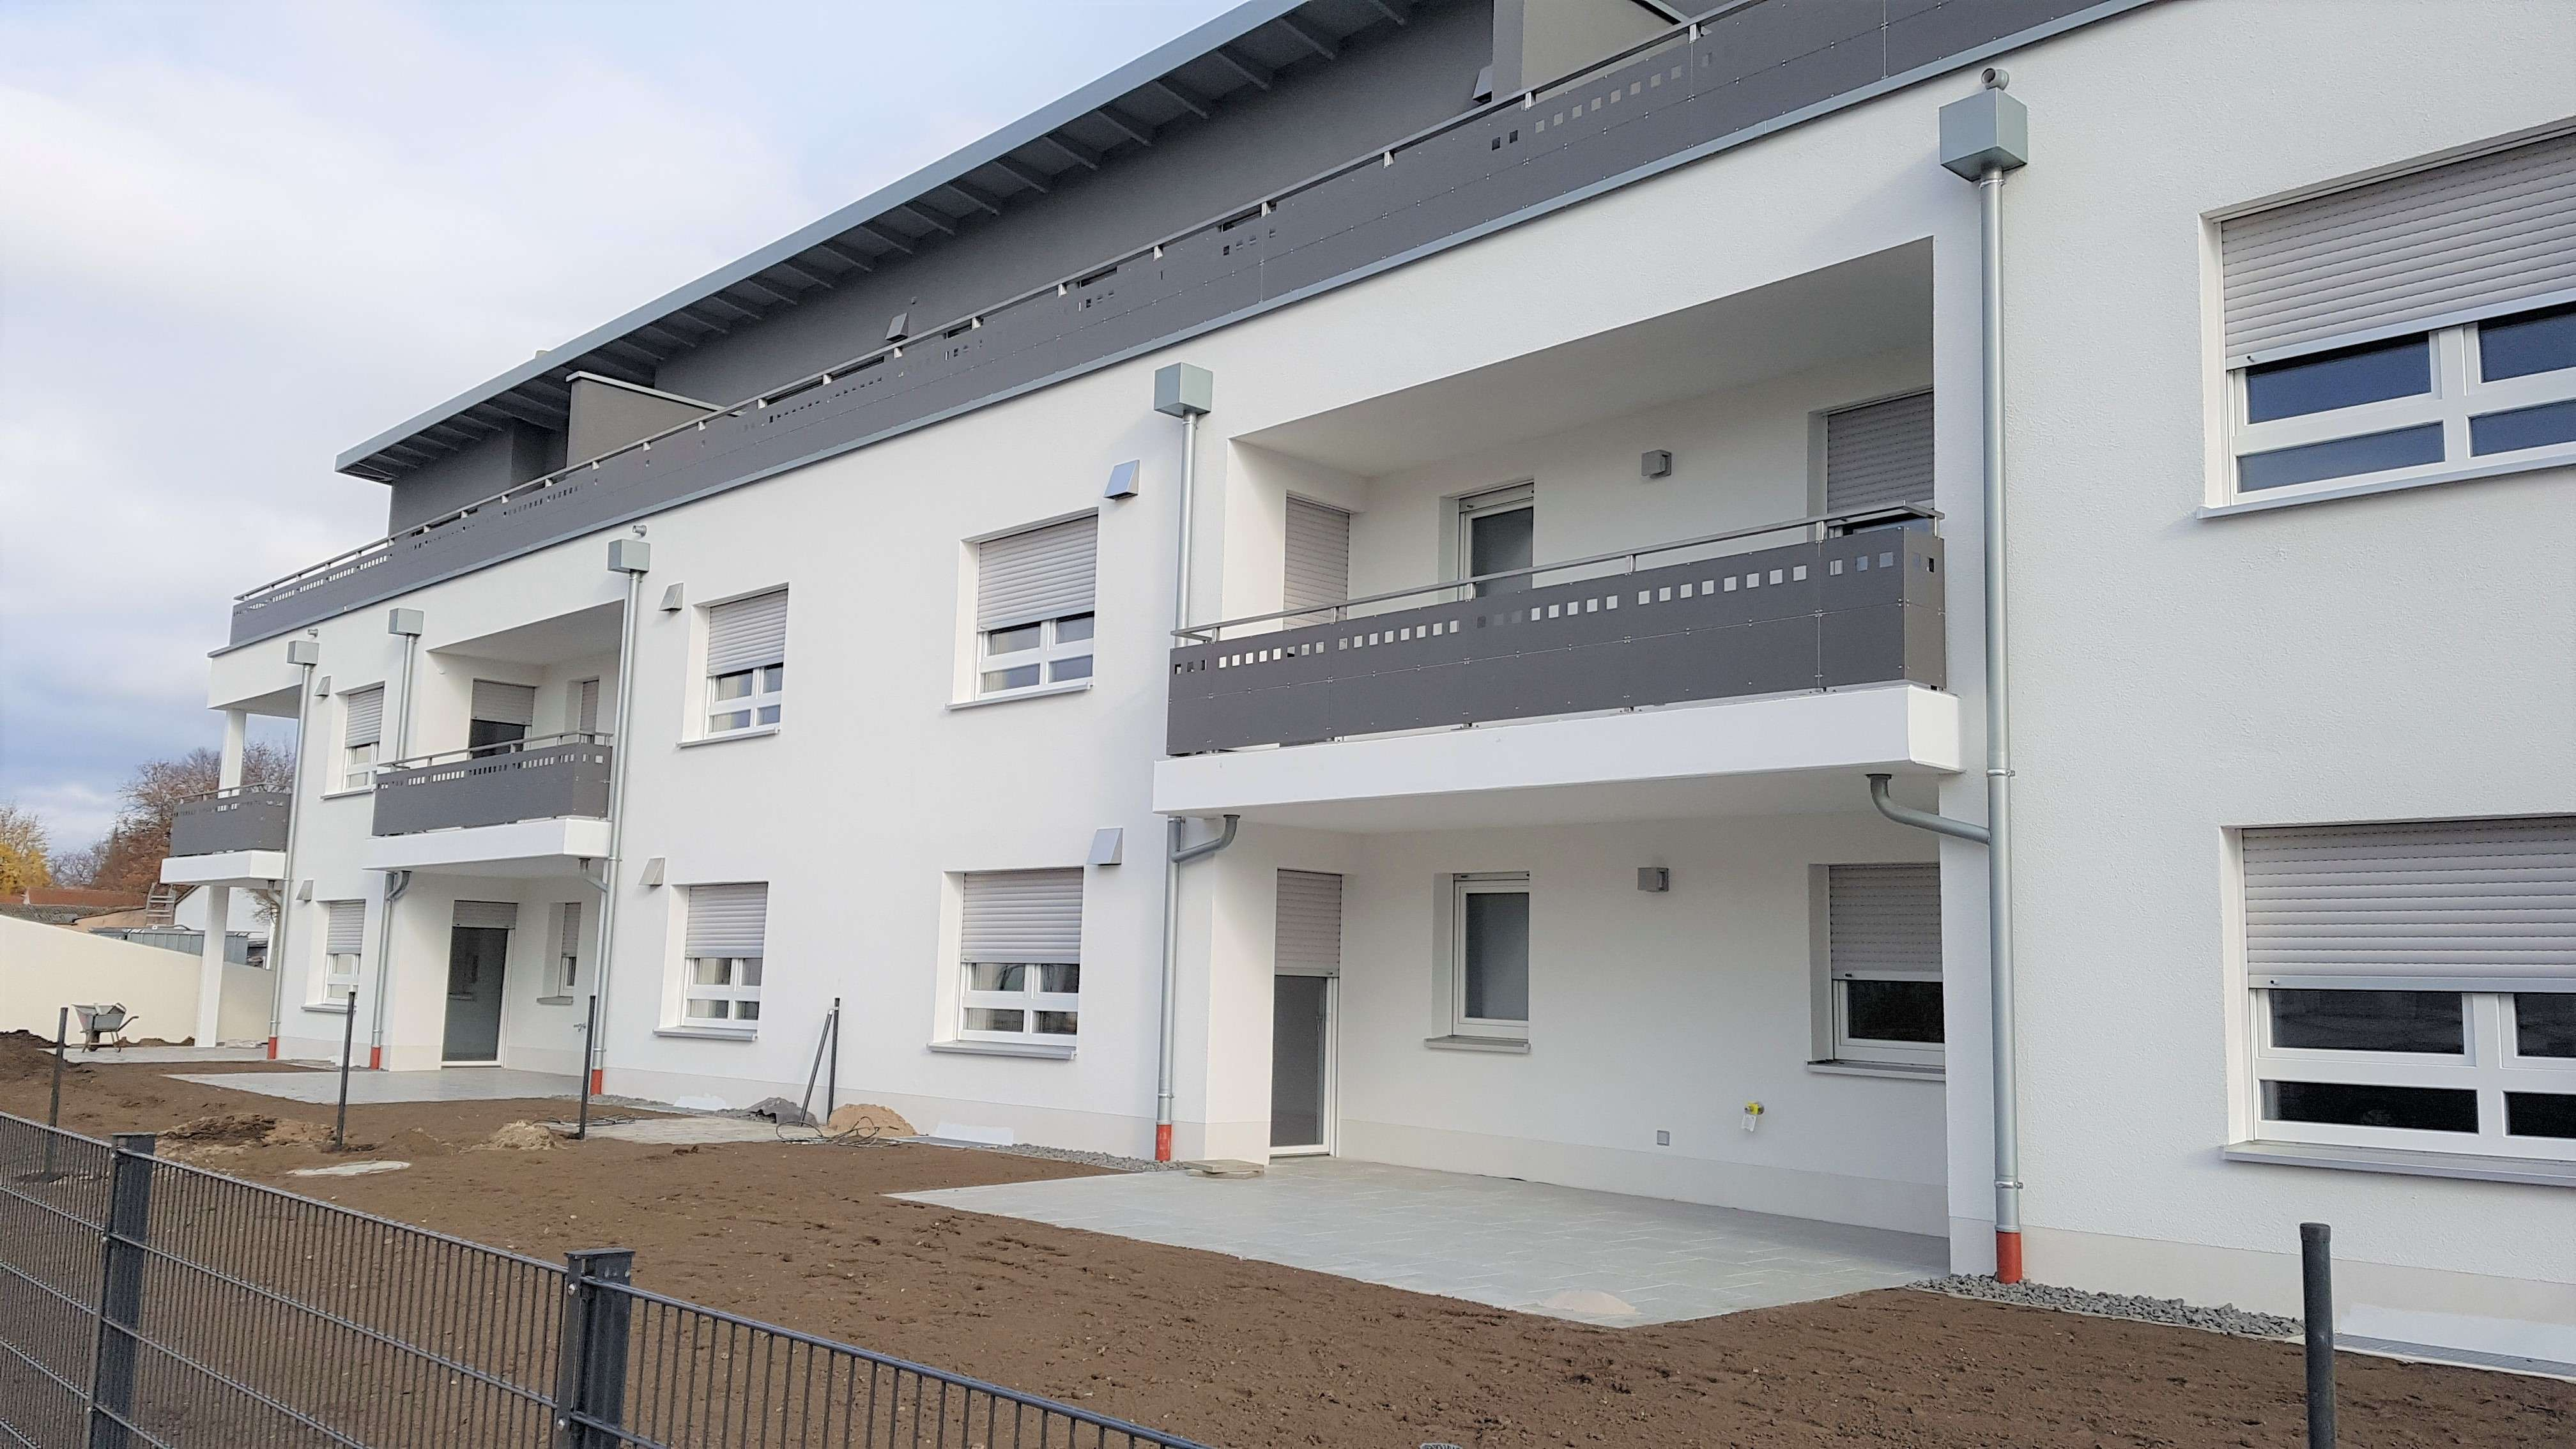 Neue 2-Zimmer-Erdgeschoss-Wohnung mit EBK, Garten, Terrasse uns Stellplatz in Neumarkt in der Oberpfalz (Neumarkt in der Oberpfalz)